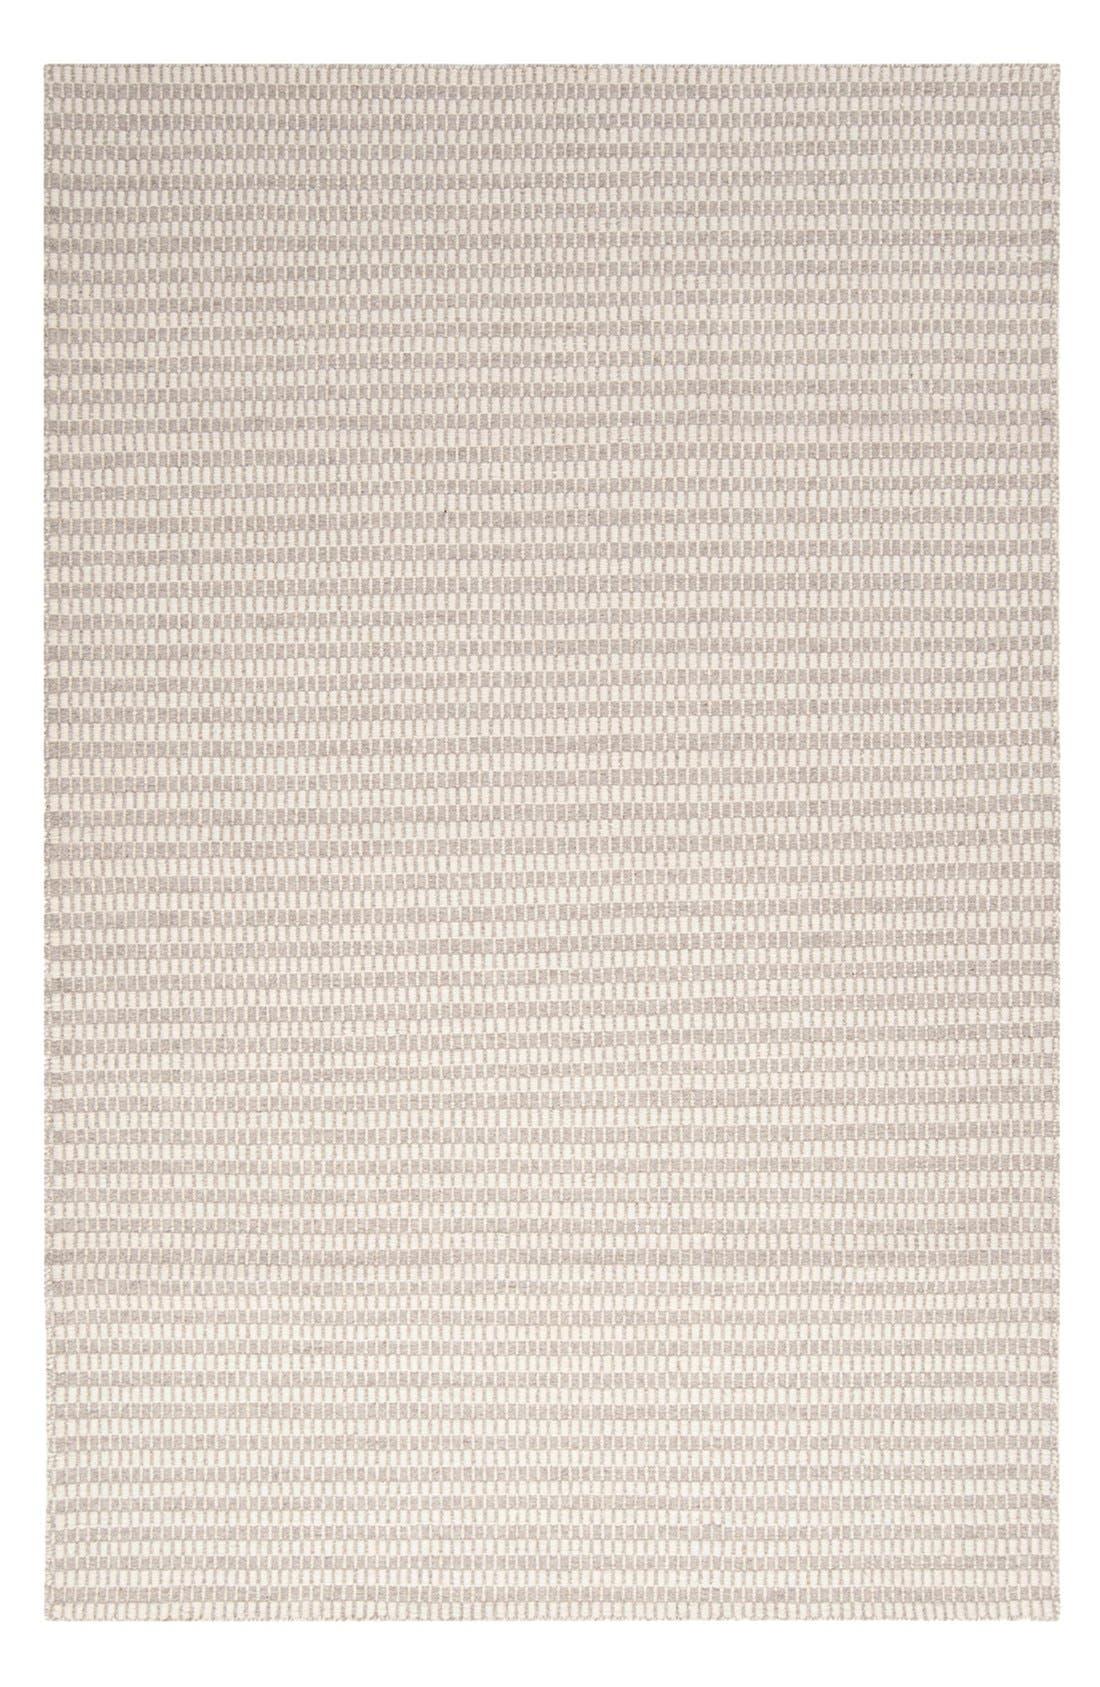 'Ravena' Wool Rug,                             Main thumbnail 1, color,                             GREY/ IVORY